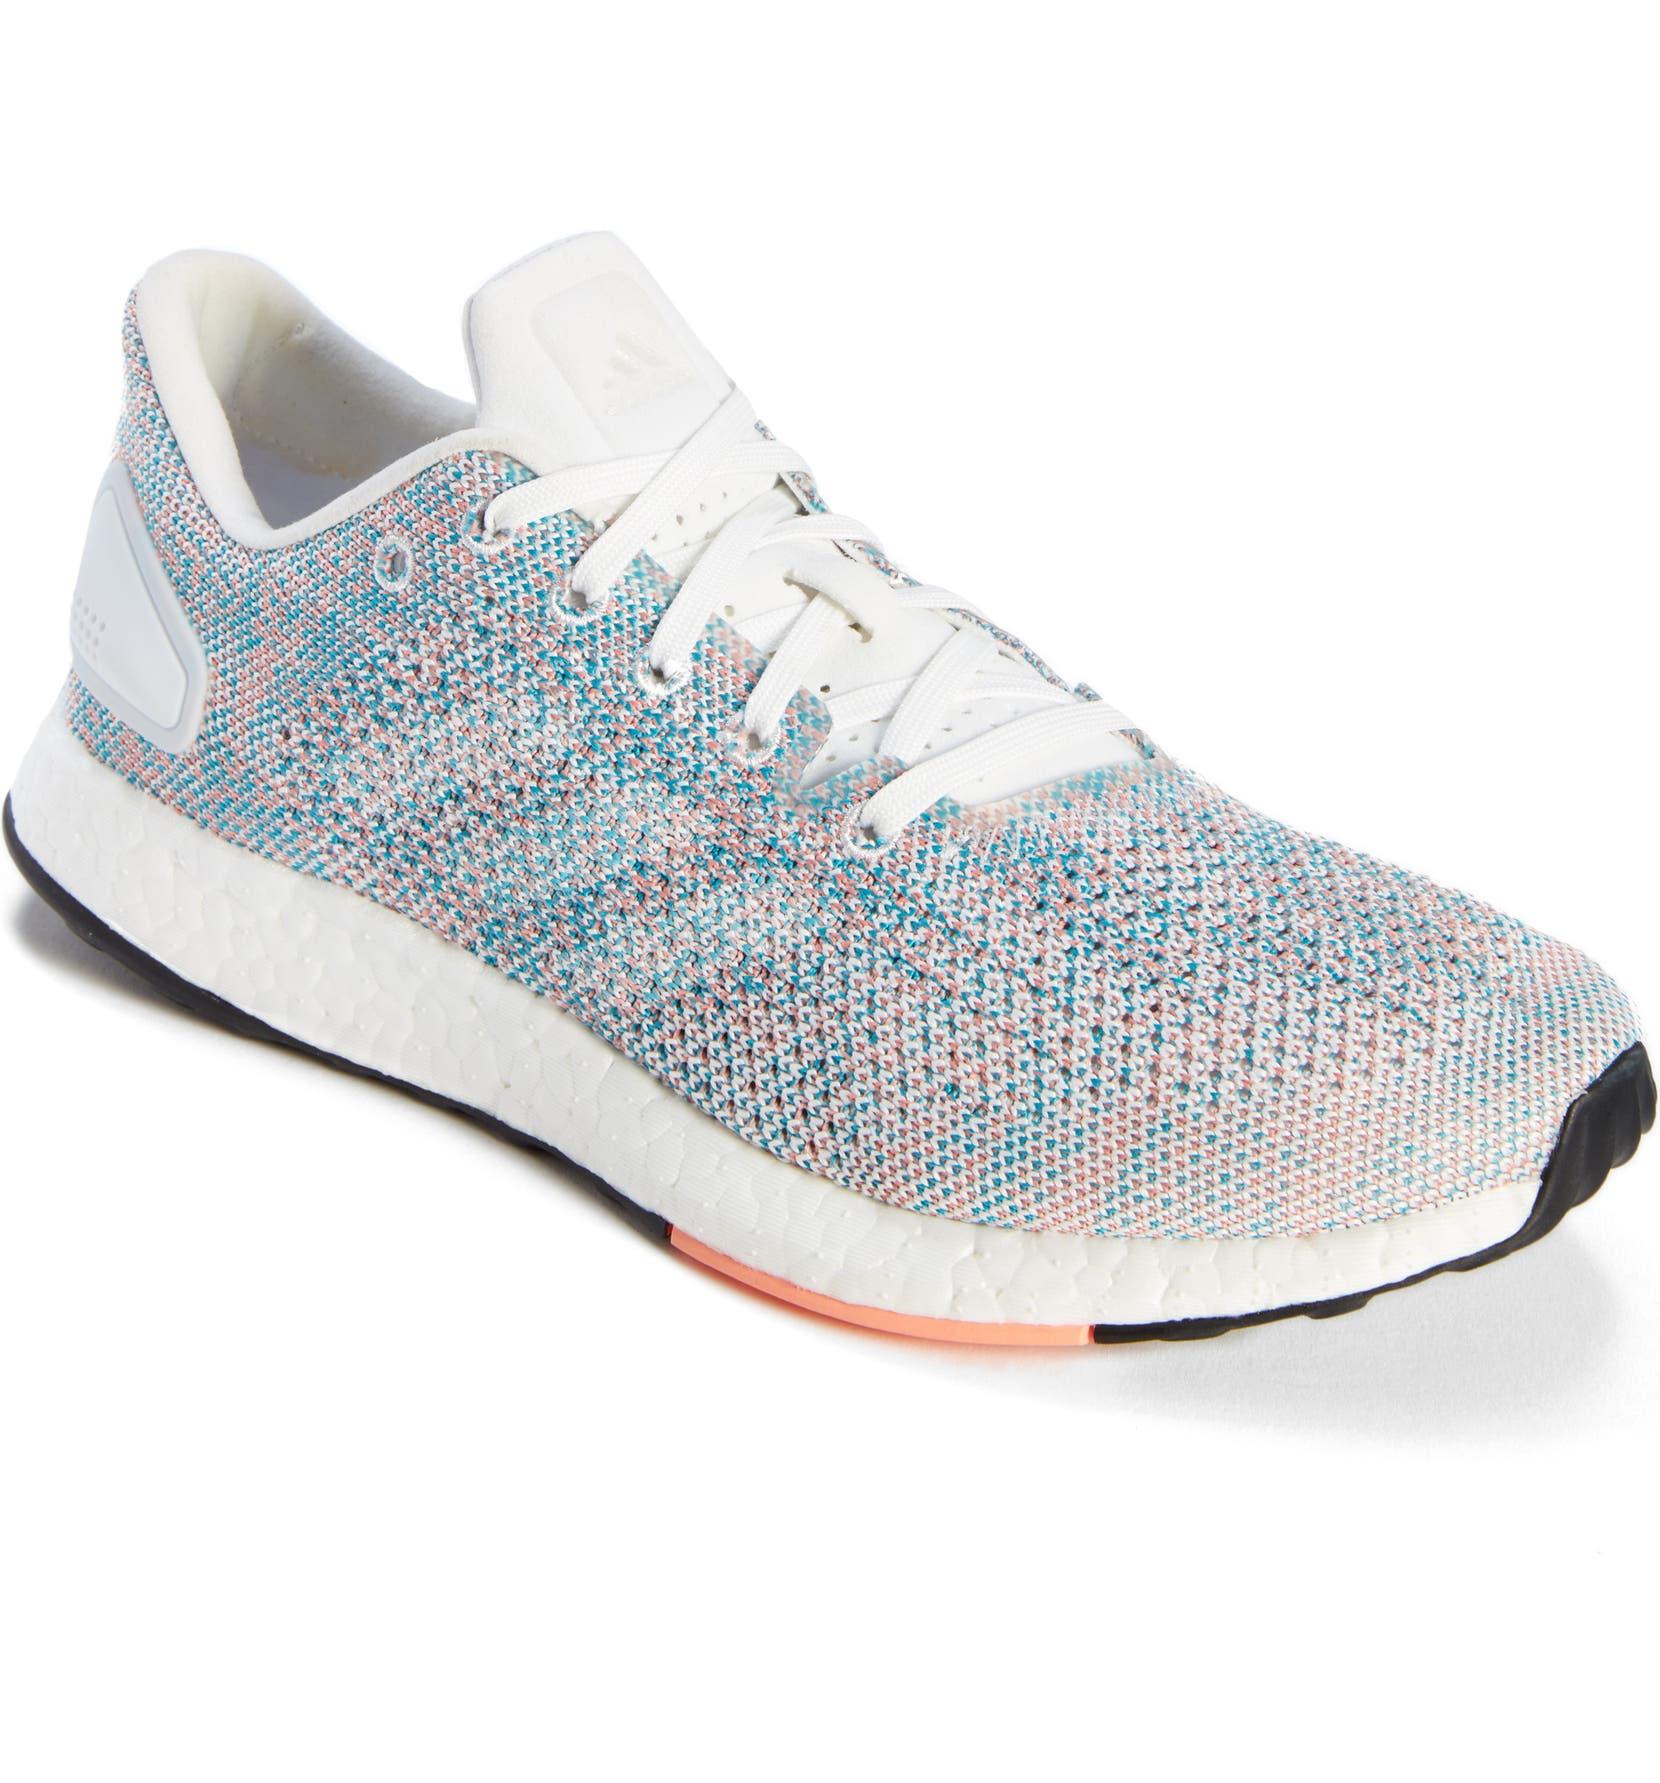 569826bd3 adidas PureBoost DPR Running Shoe (Women)